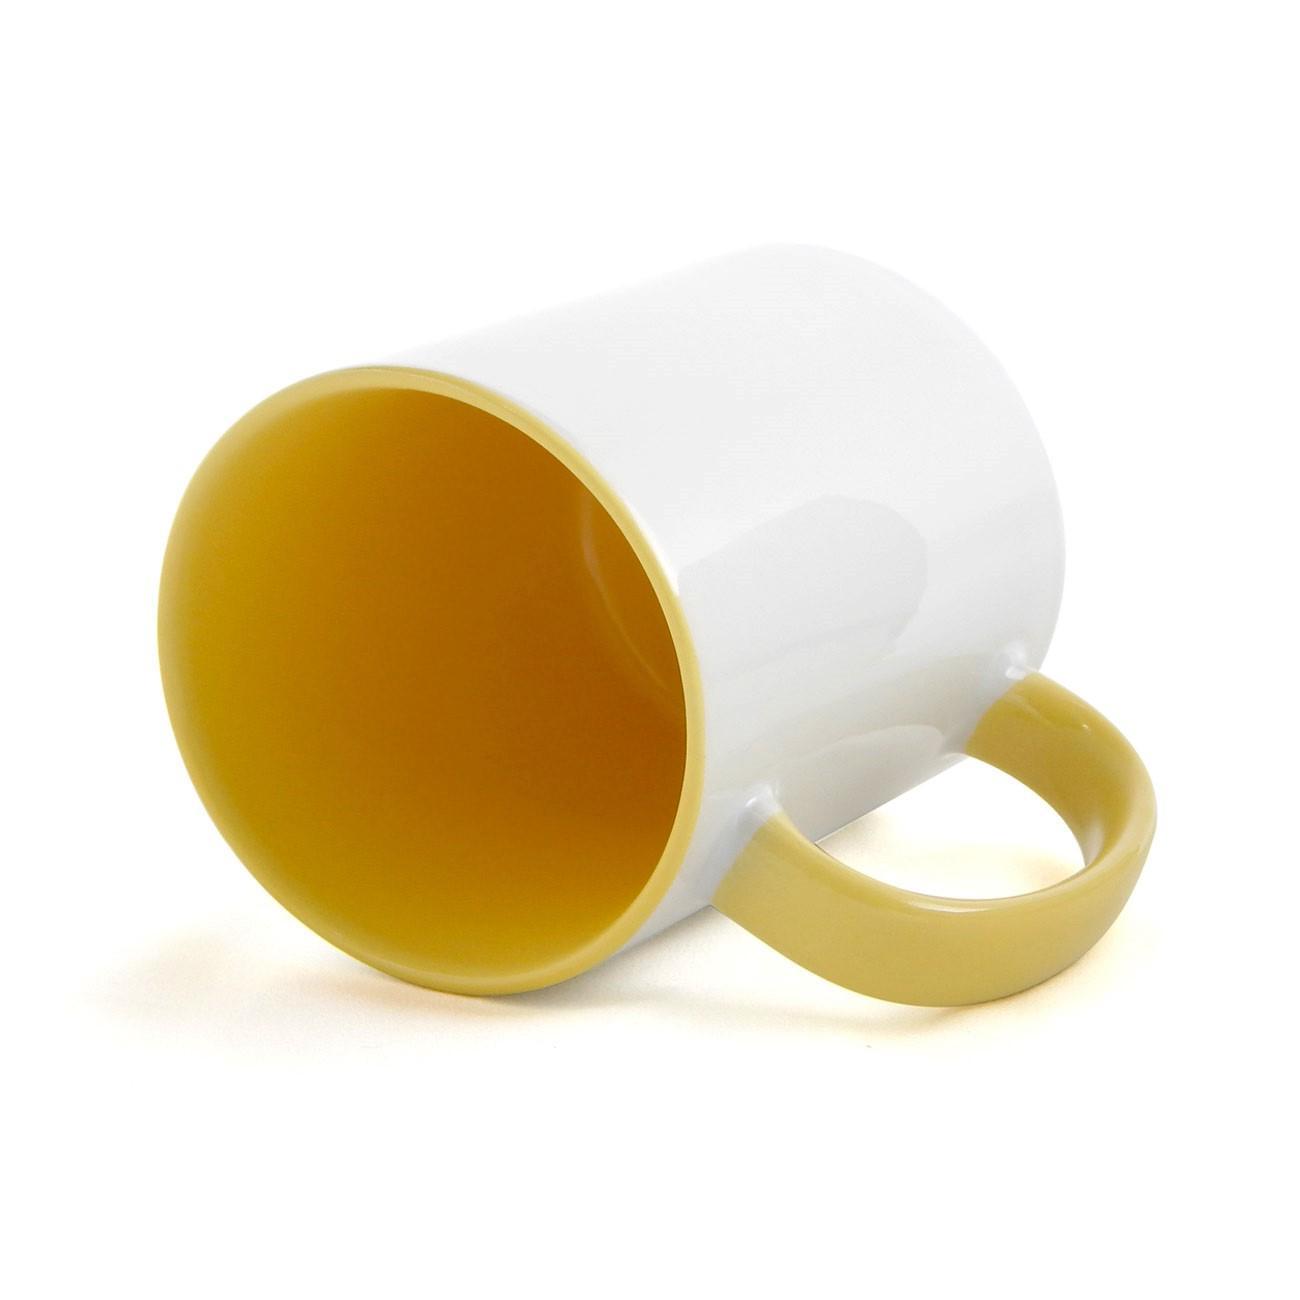 Caneca de Cerâmica Branca com Interior e Alça Colorida para Sublimação - Amarela